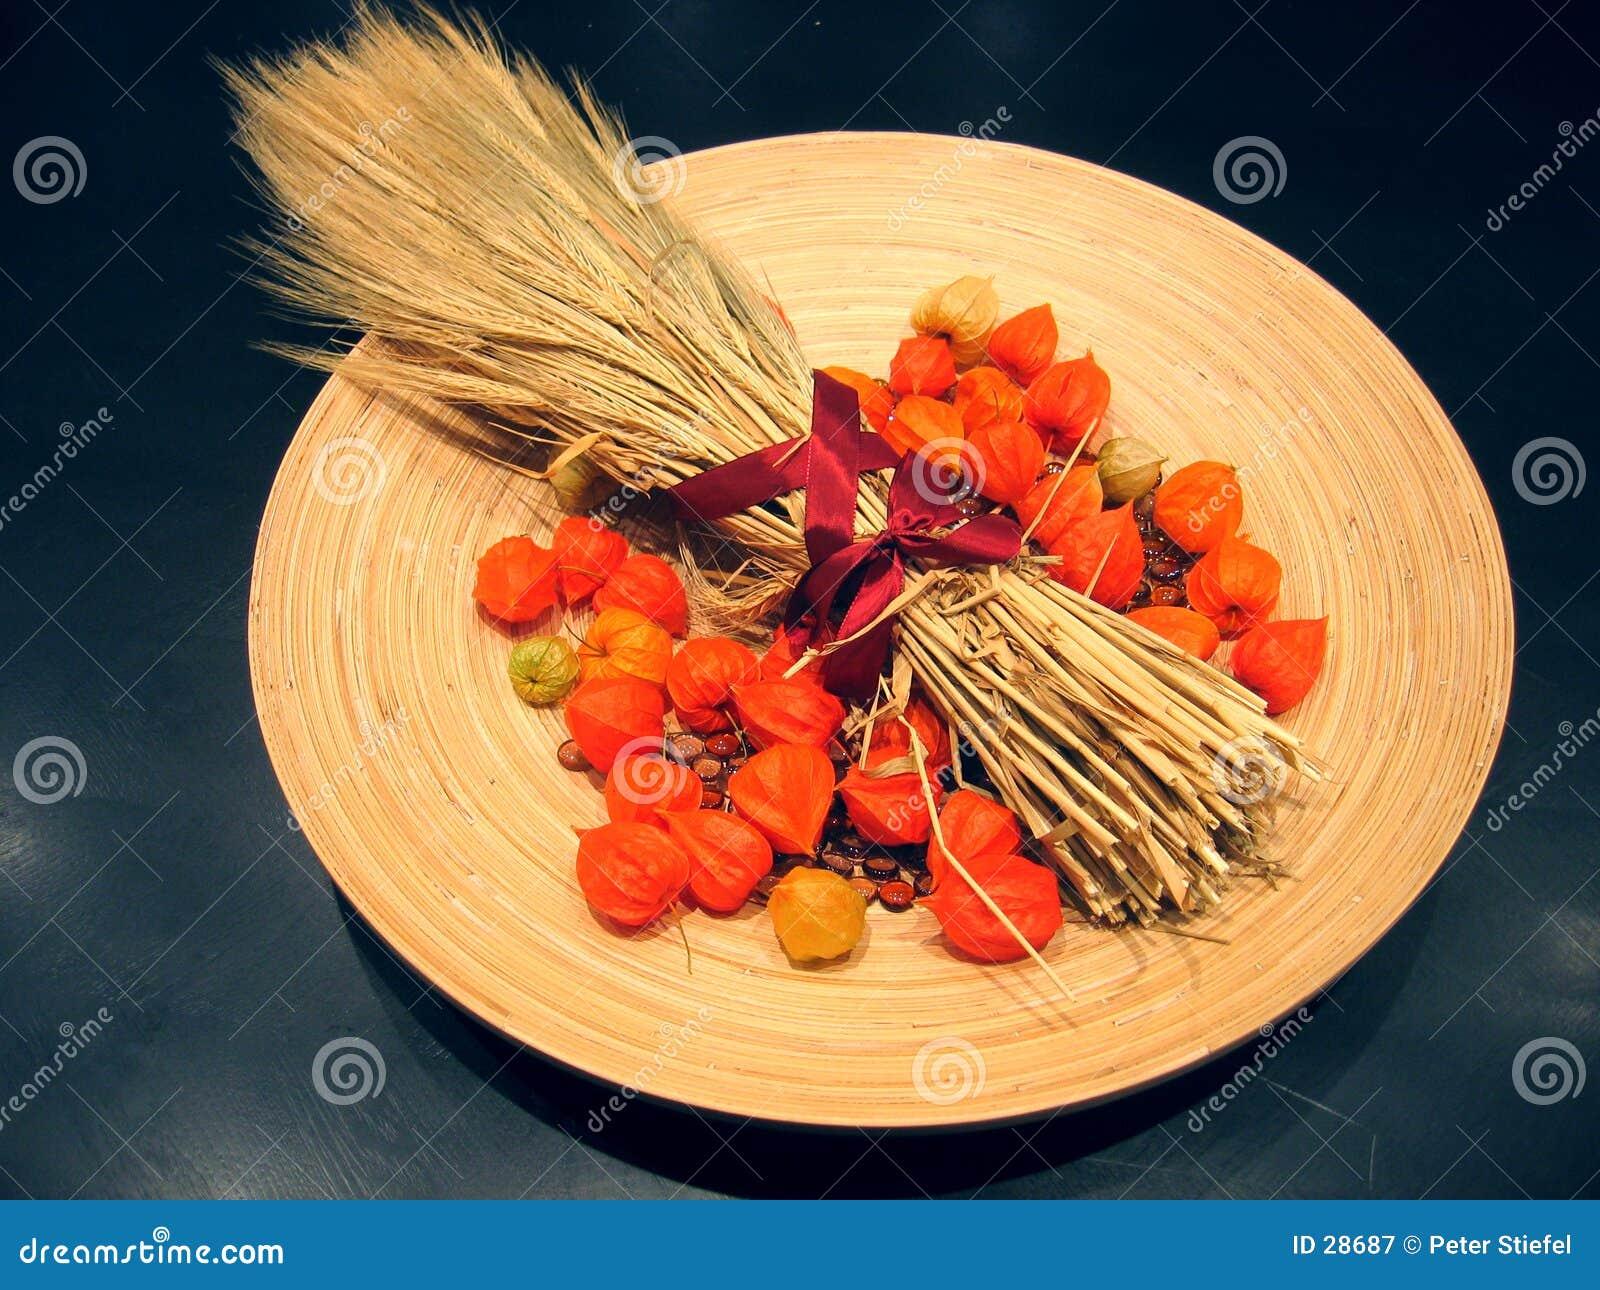 Download Decoratie 2 van de herfst stock afbeelding. Afbeelding bestaande uit gewas - 28687